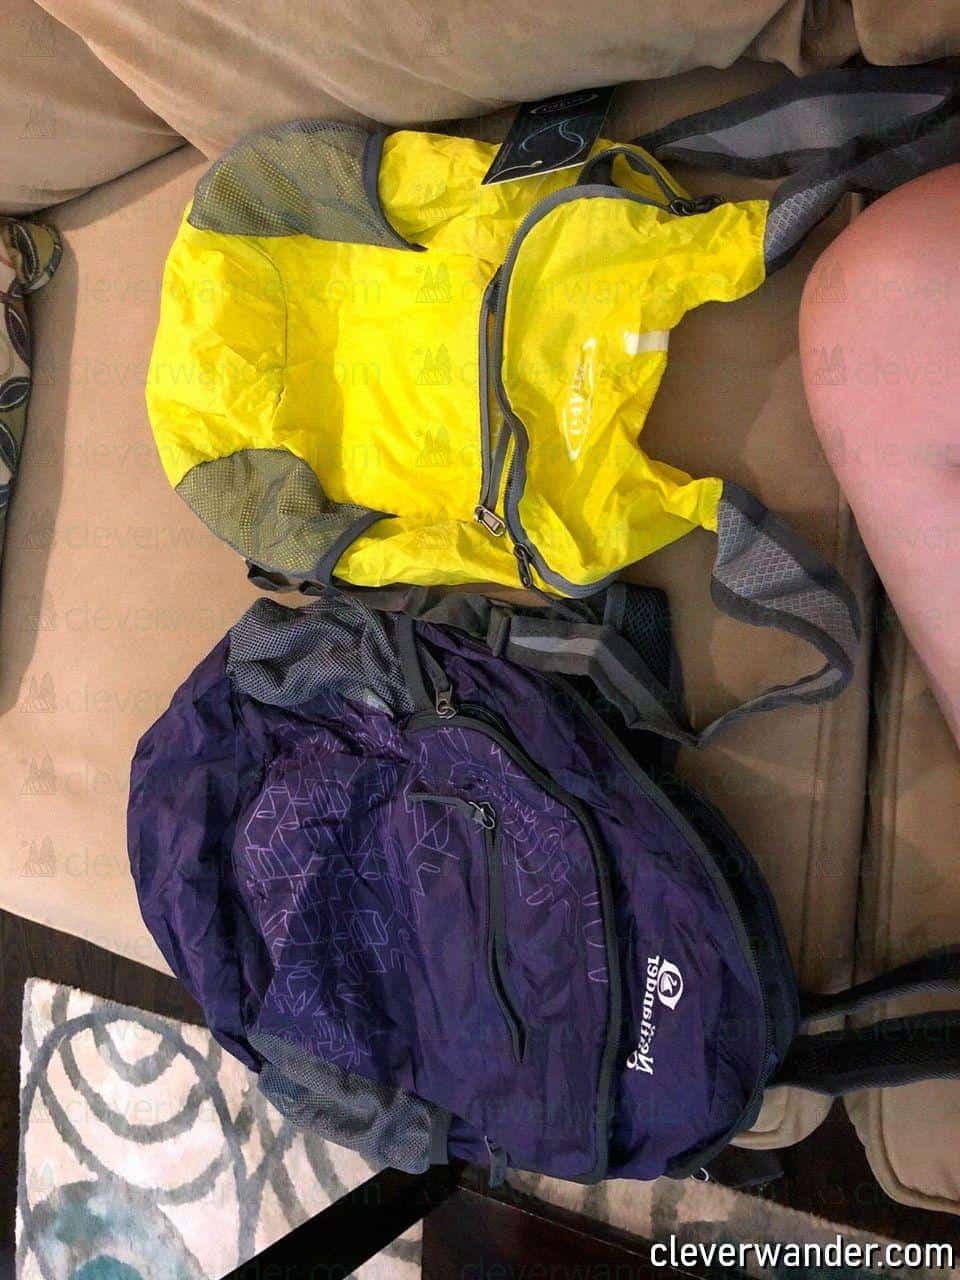 G4Free Lightweight Shoulder Backpack - image review 2